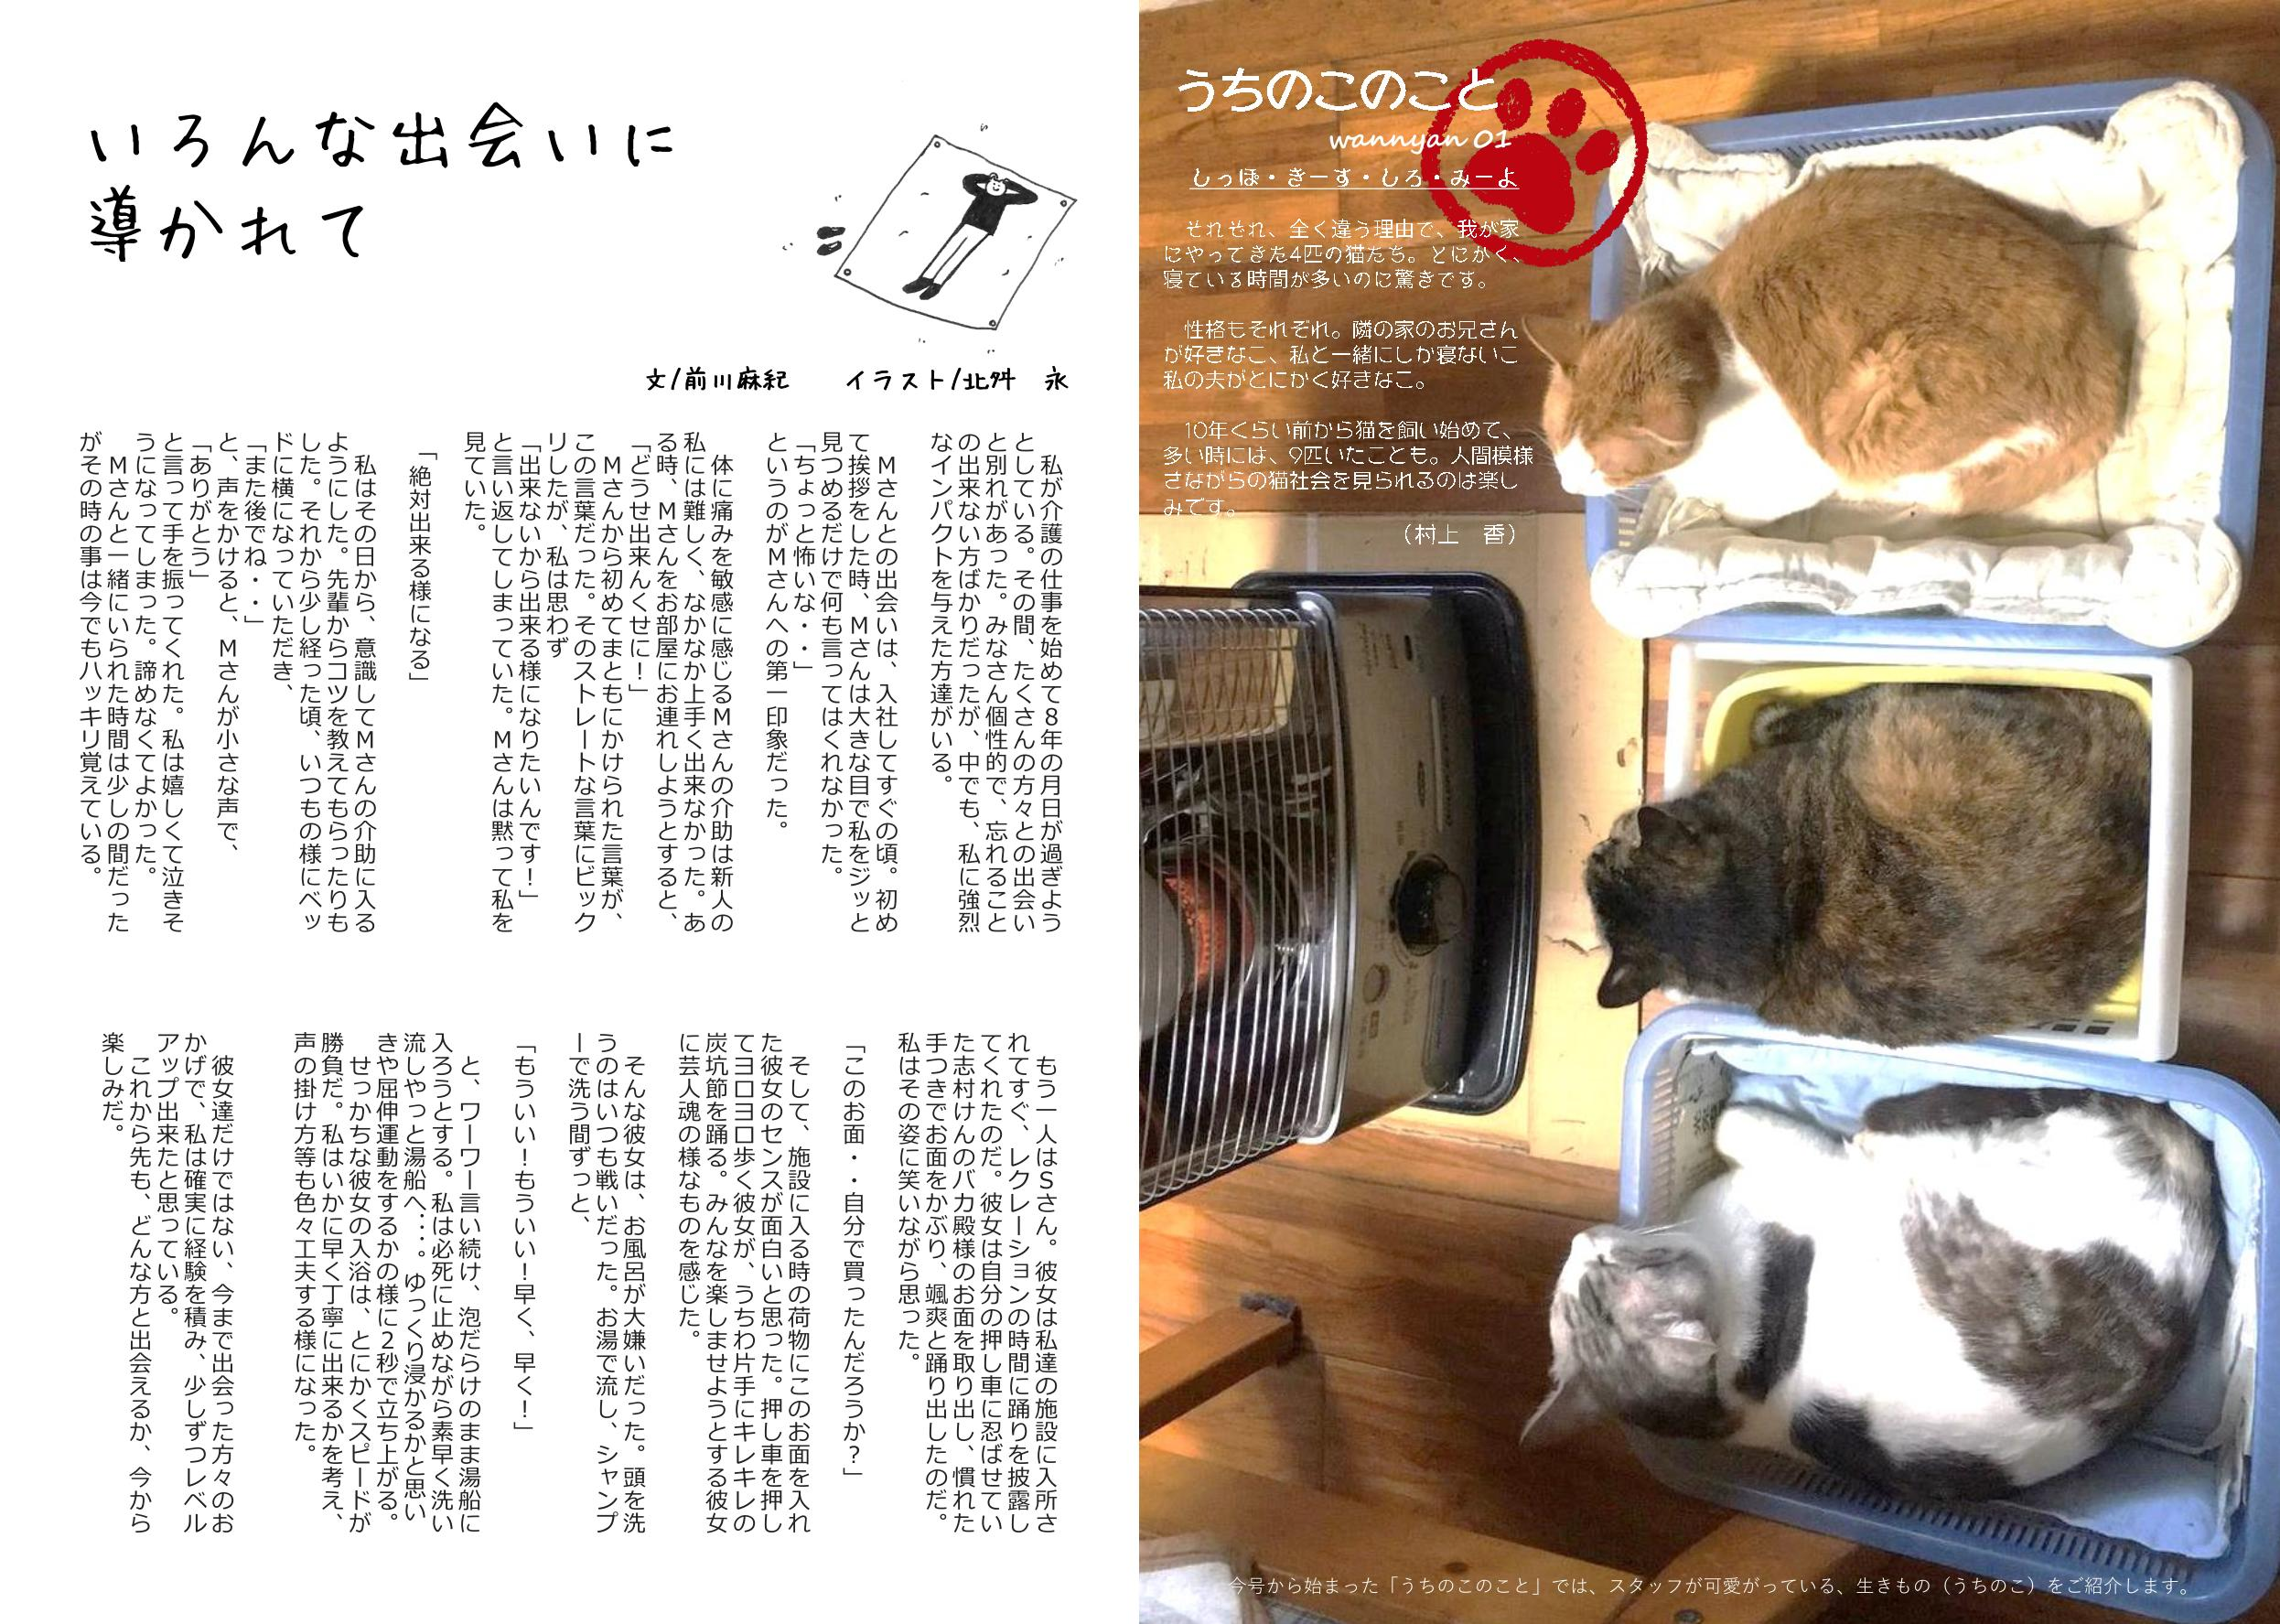 http://fukufukunokai.com/newsletter/images/3%E6%9C%88%E5%8F%B7_cropped_3202103.jpeg